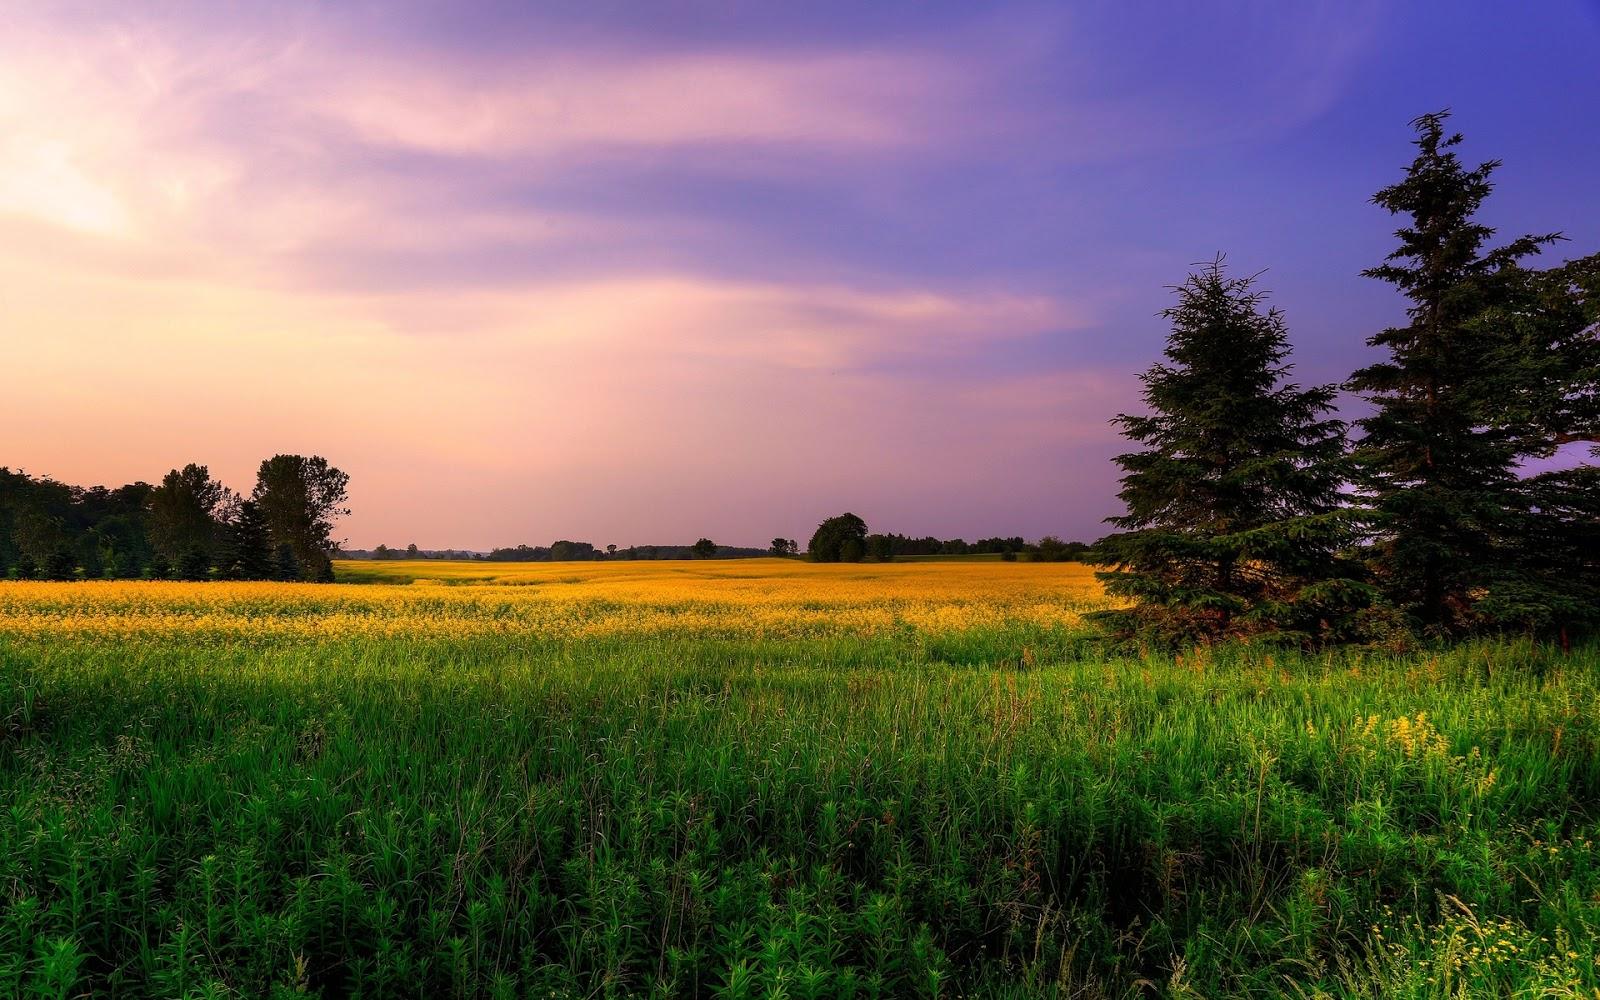 natural image hd wallpaper,sky,natural landscape,nature,field,grassland